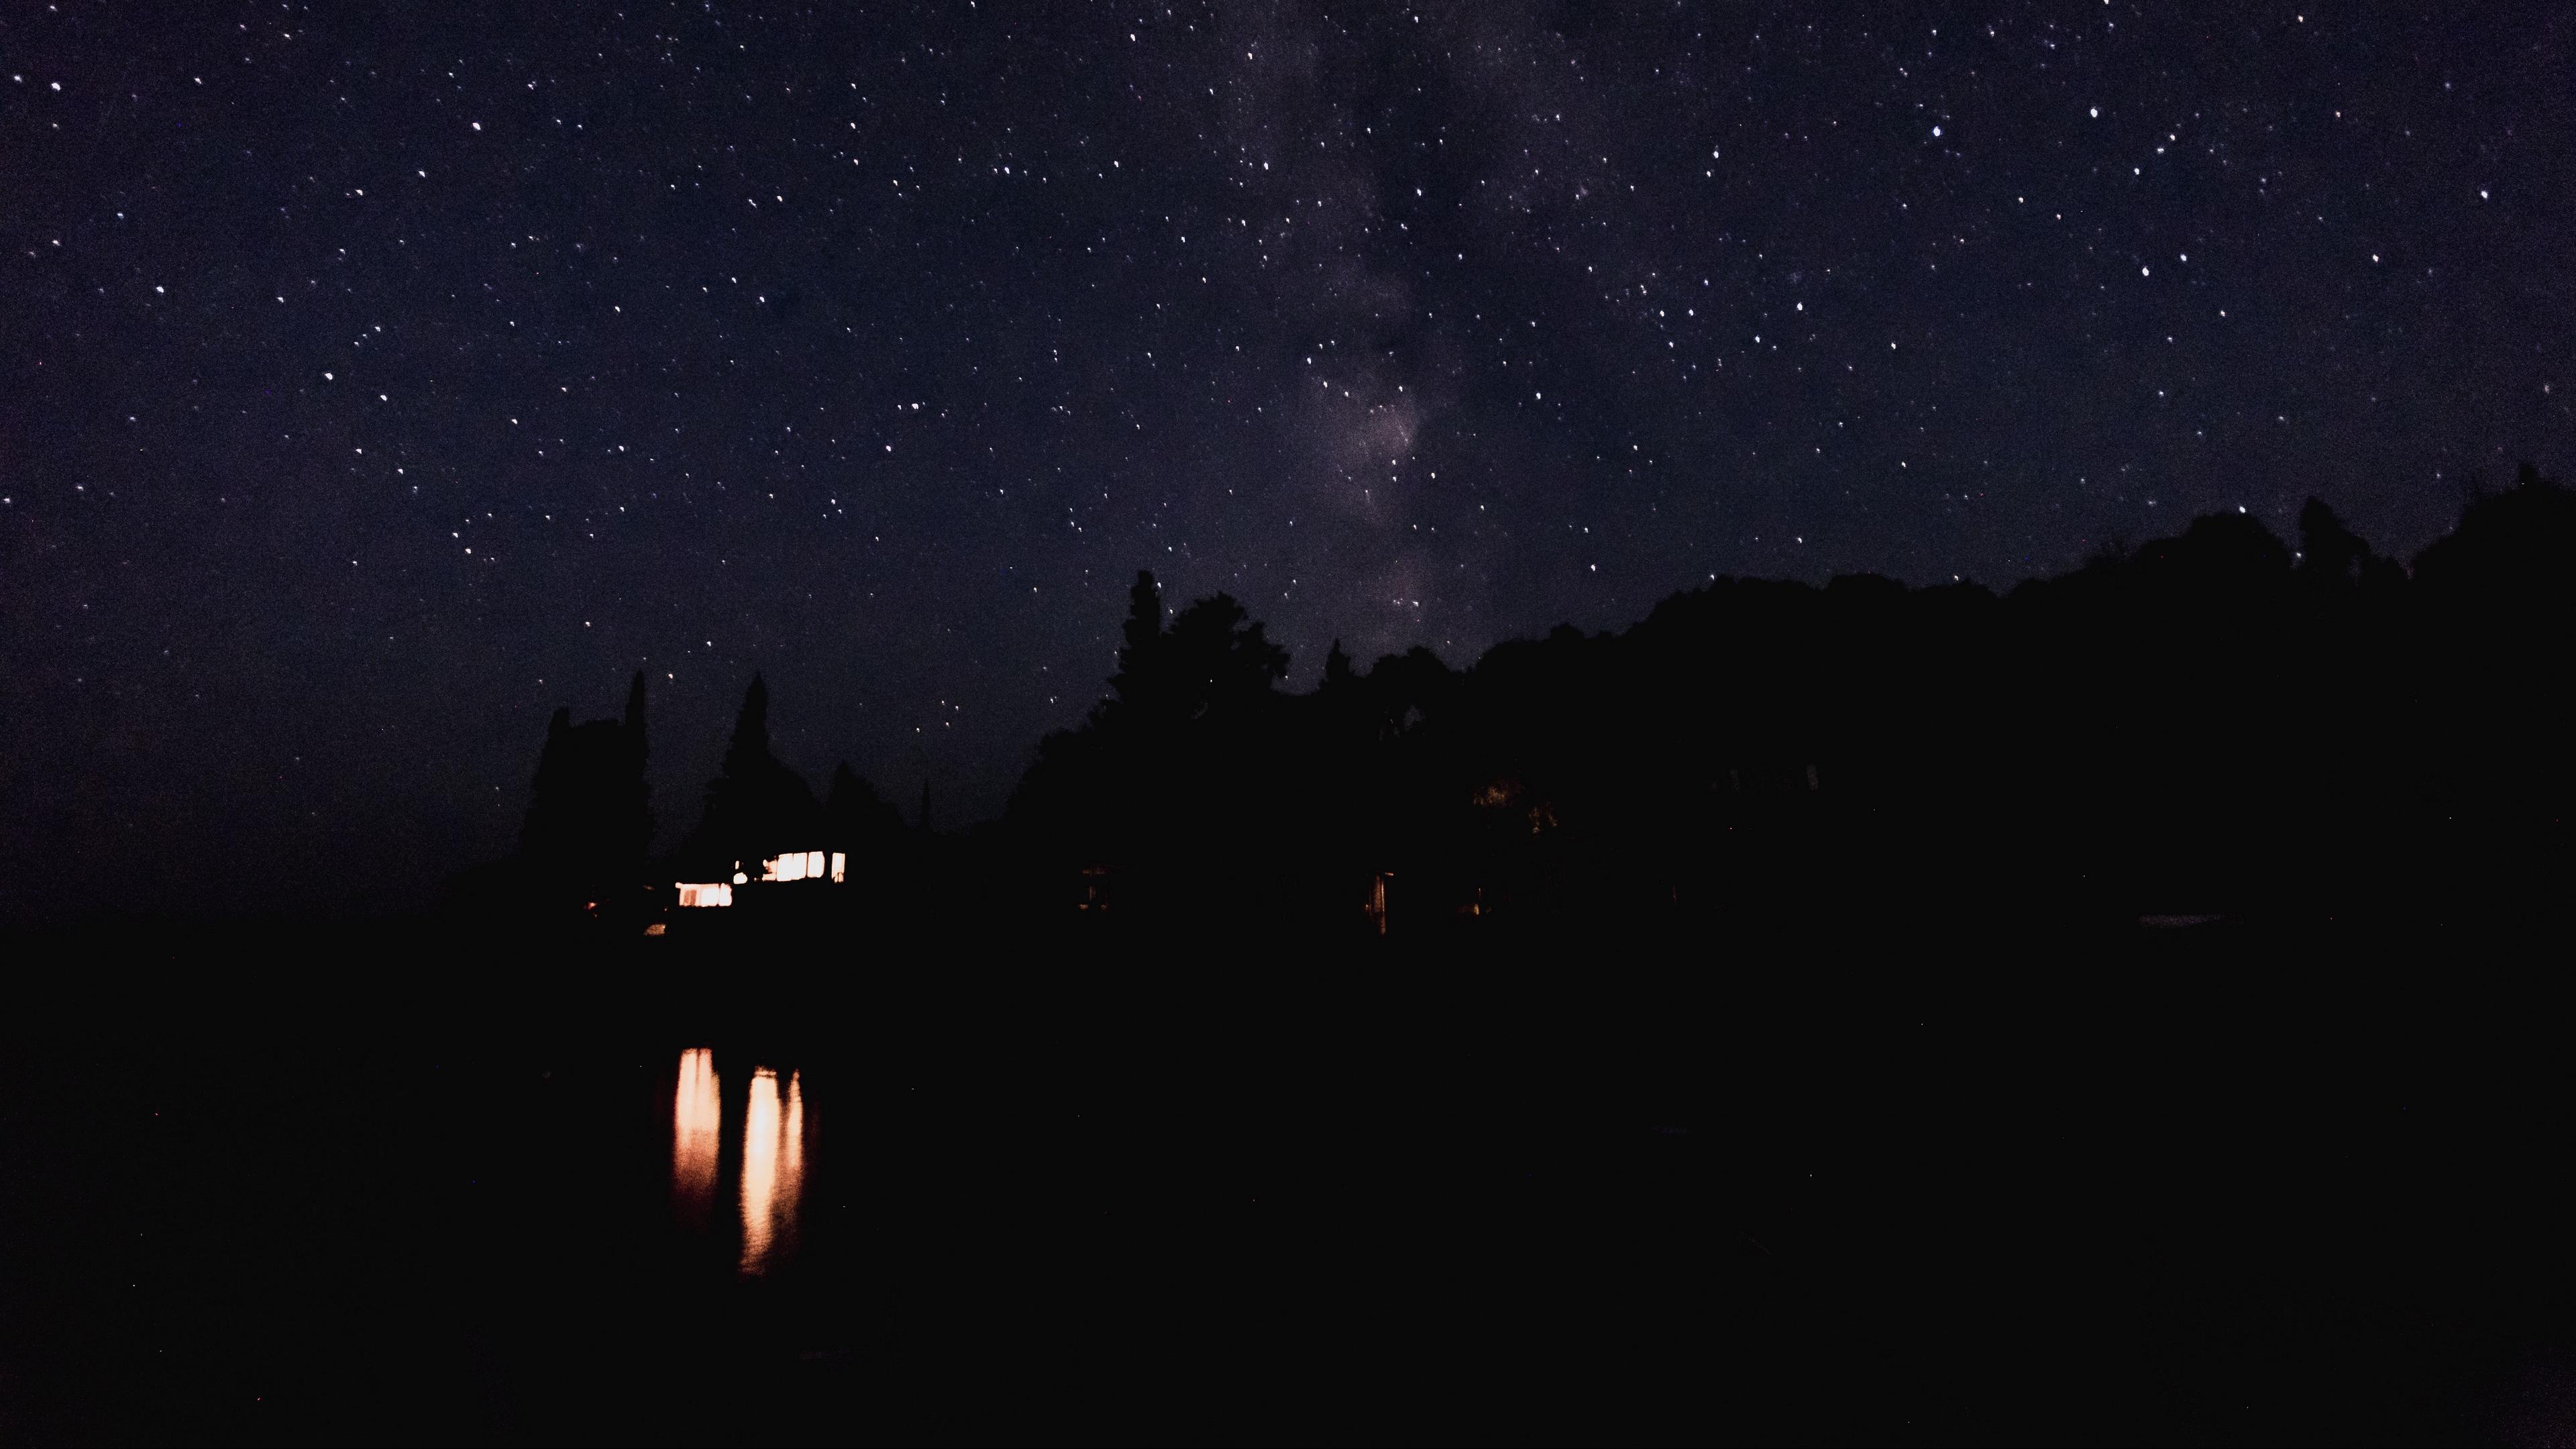 starry sky night lights sky 4k 1540574386 - starry sky, night, lights, sky 4k - starry sky, Night, Lights